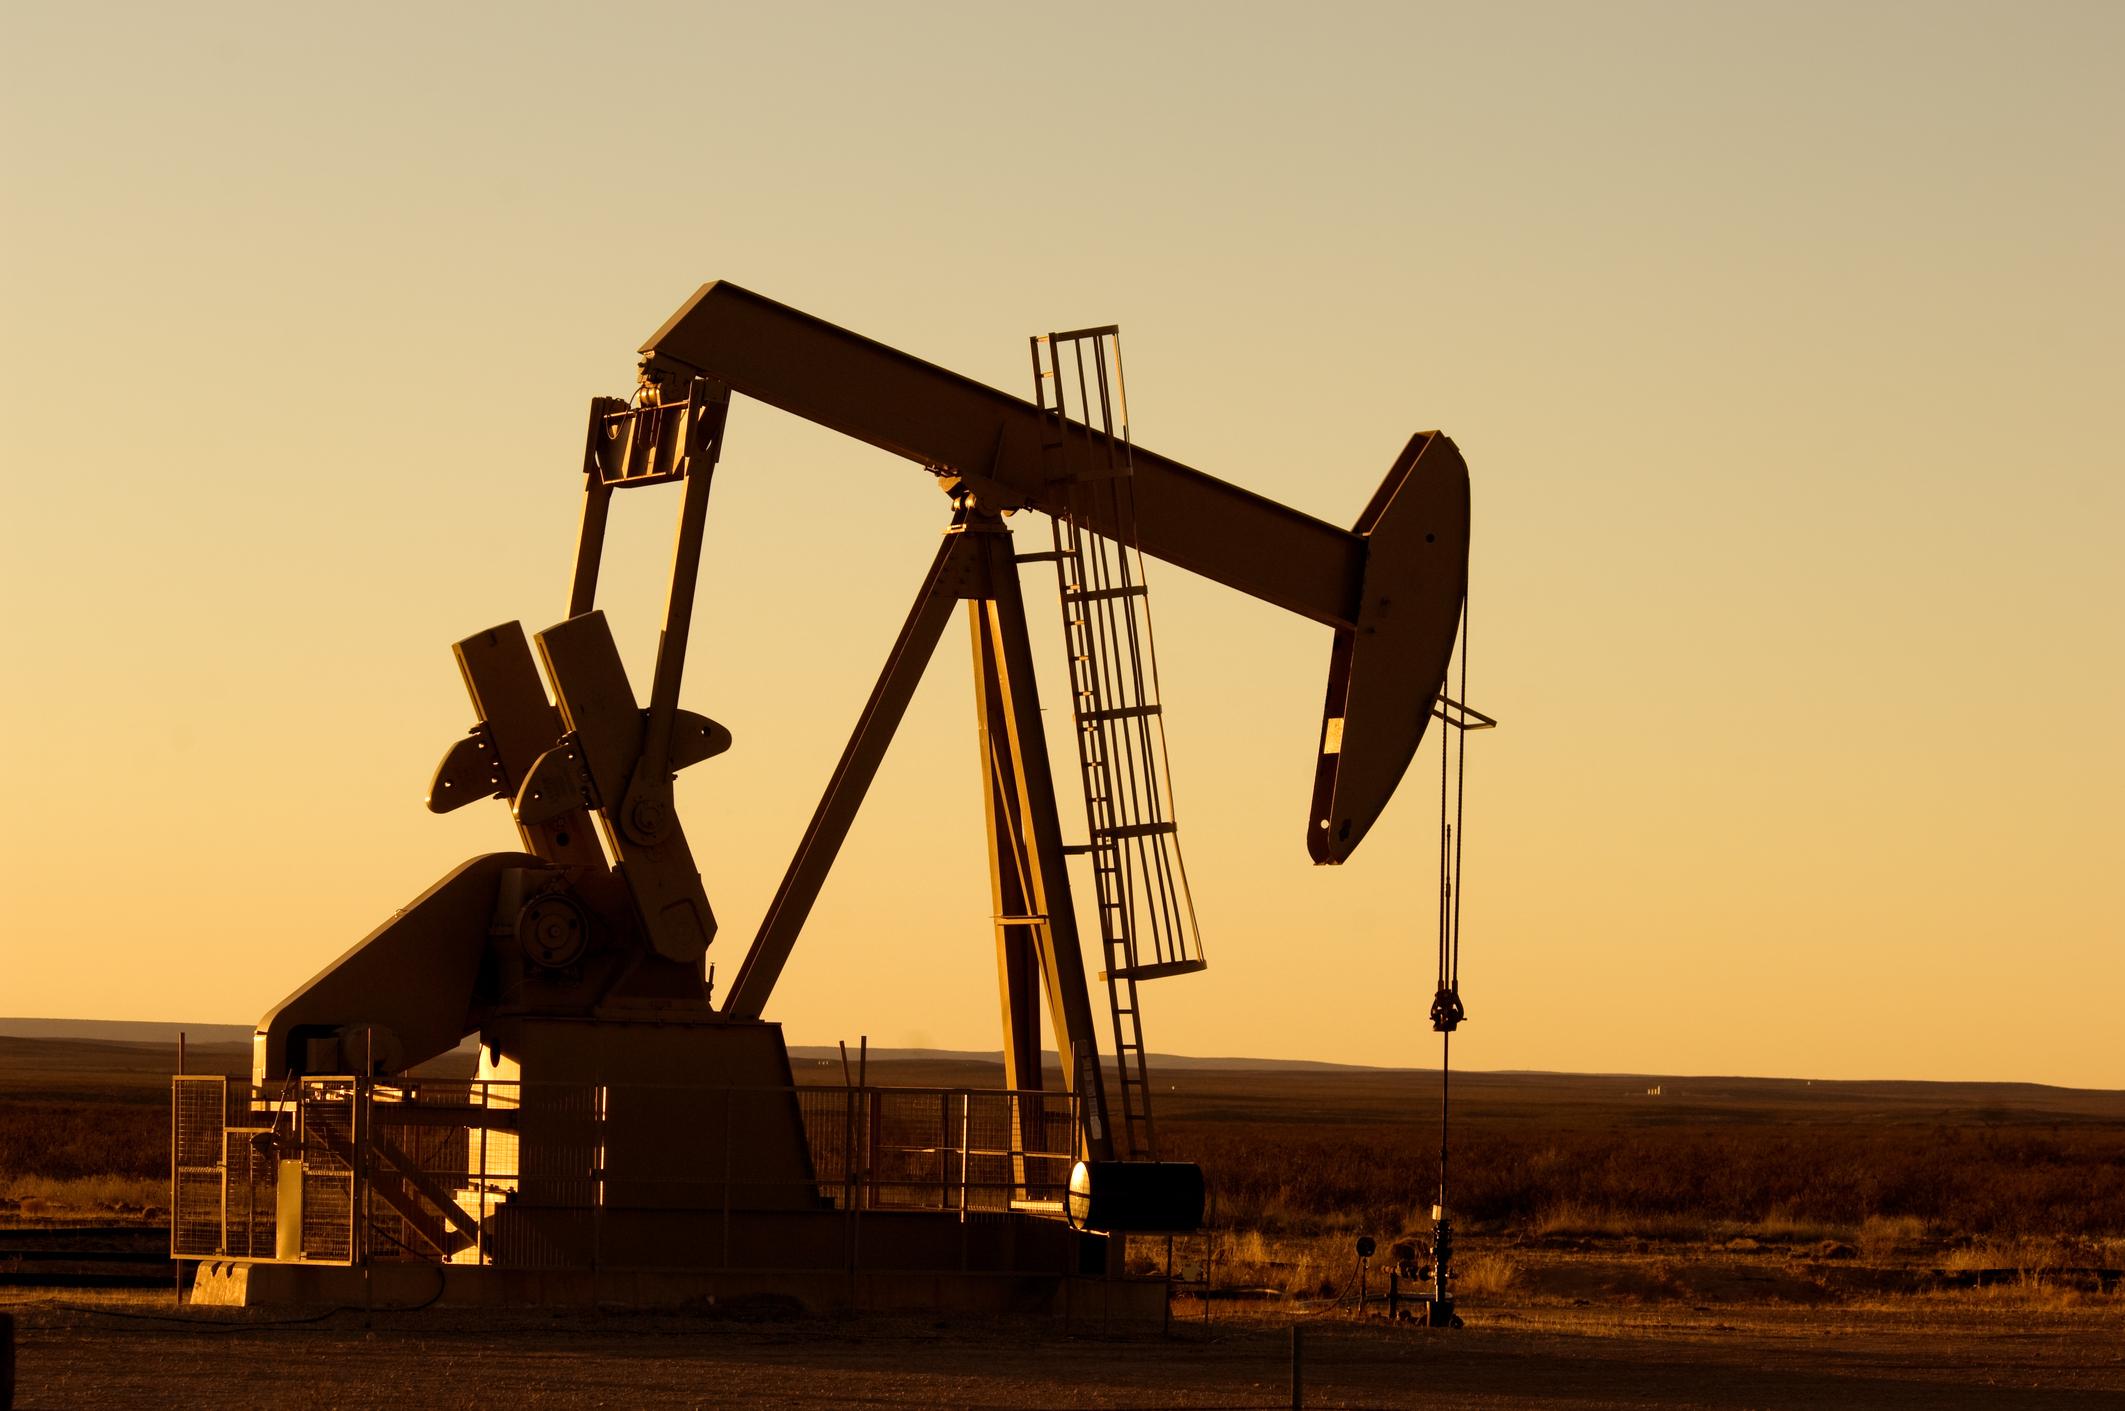 An oil pump in Texas.